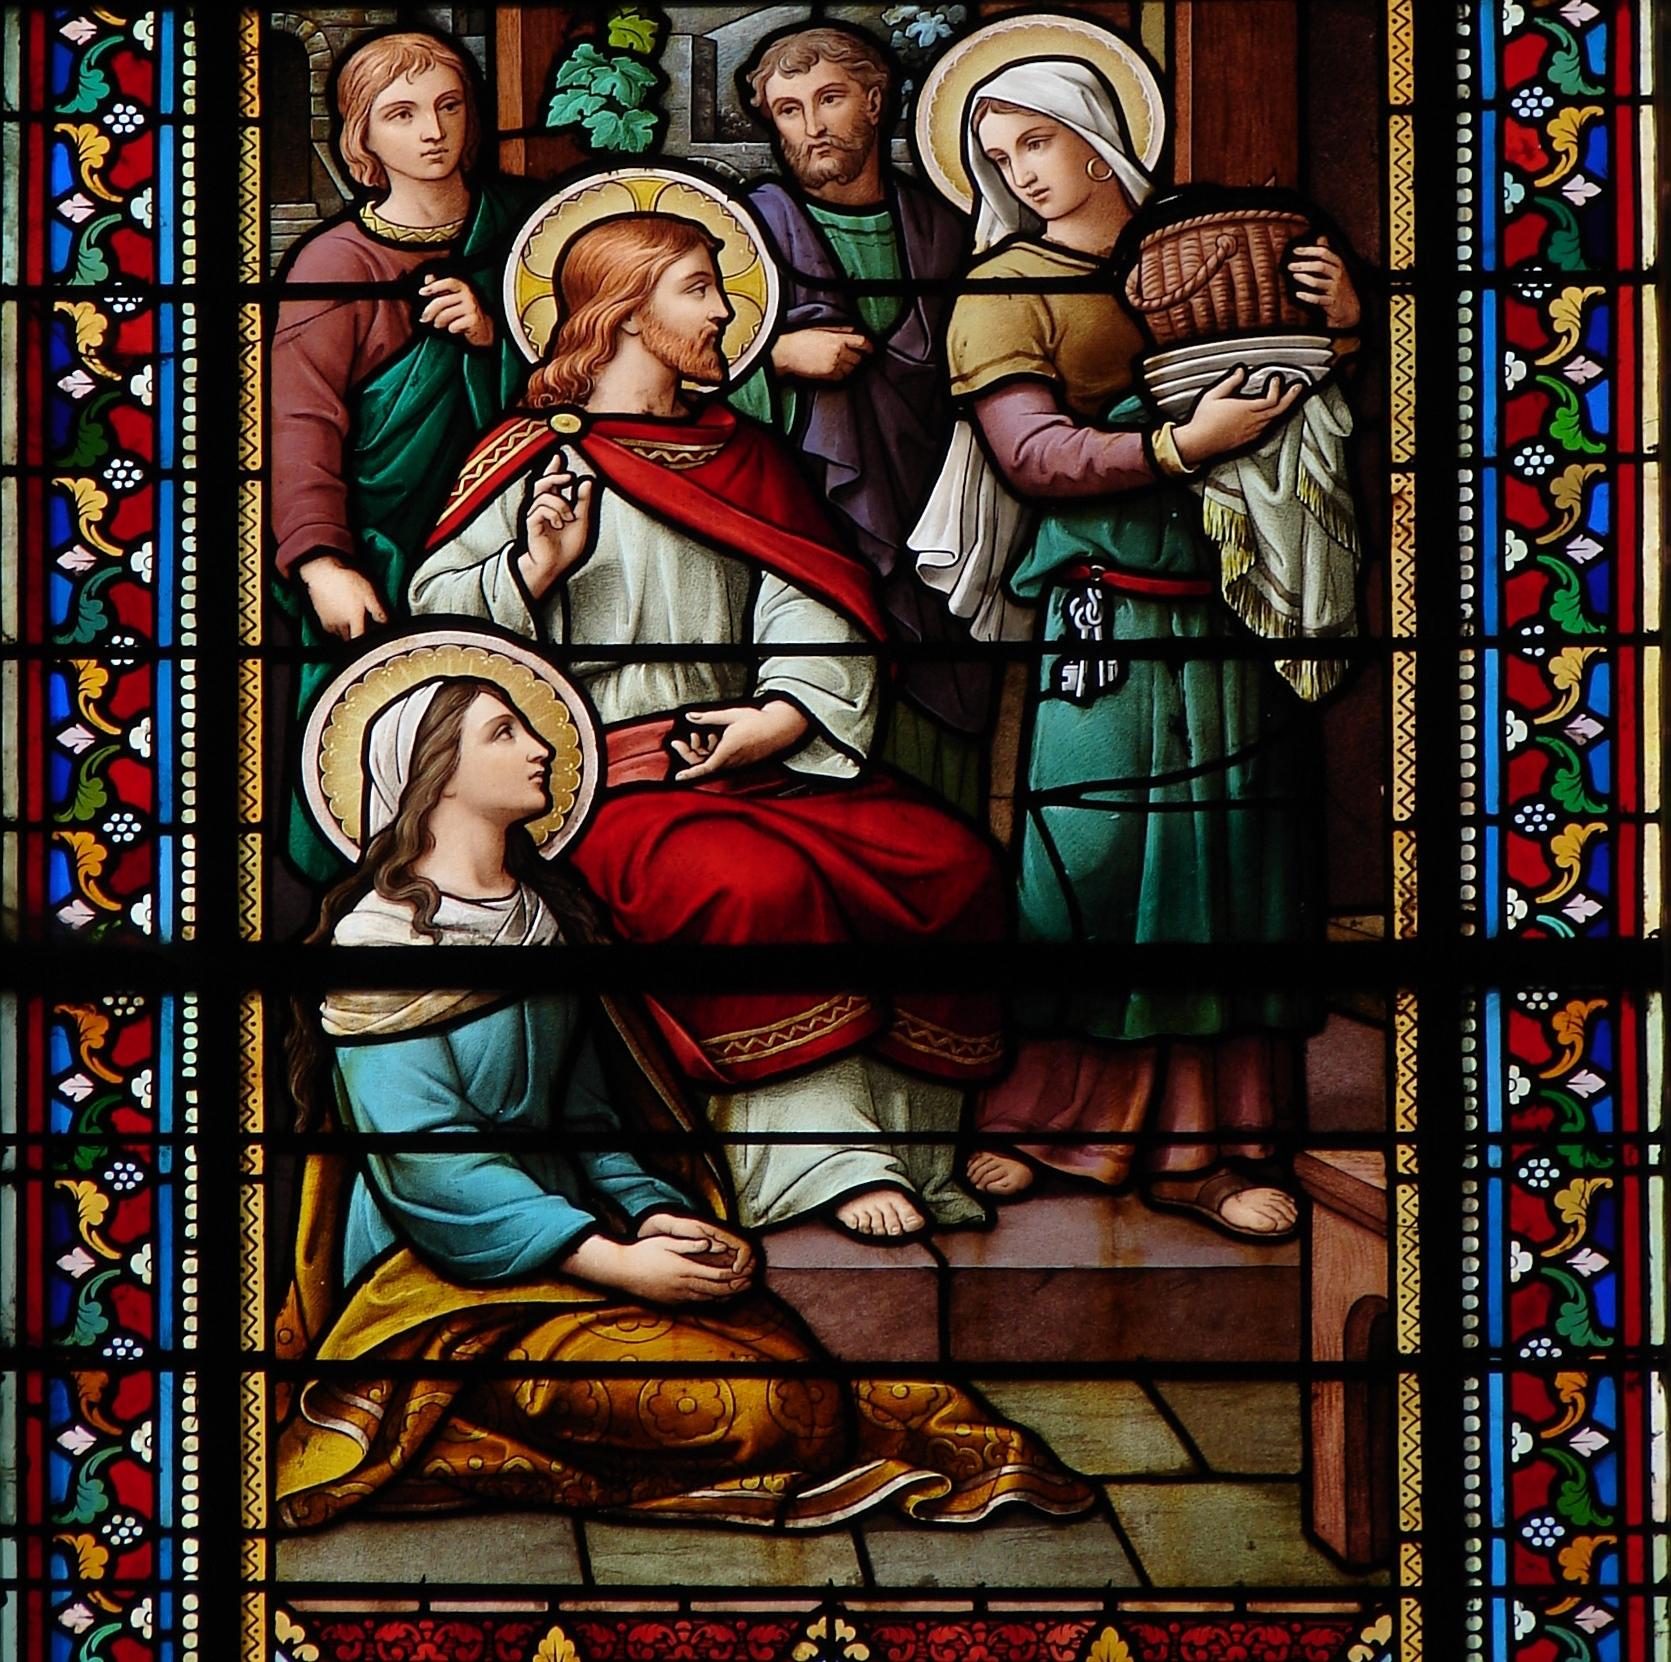 L'ANNÉE MARIALE par la Mère de Chaugy - Page 12 Ste-marthe-ste-ma...de-j-sus-5797a79